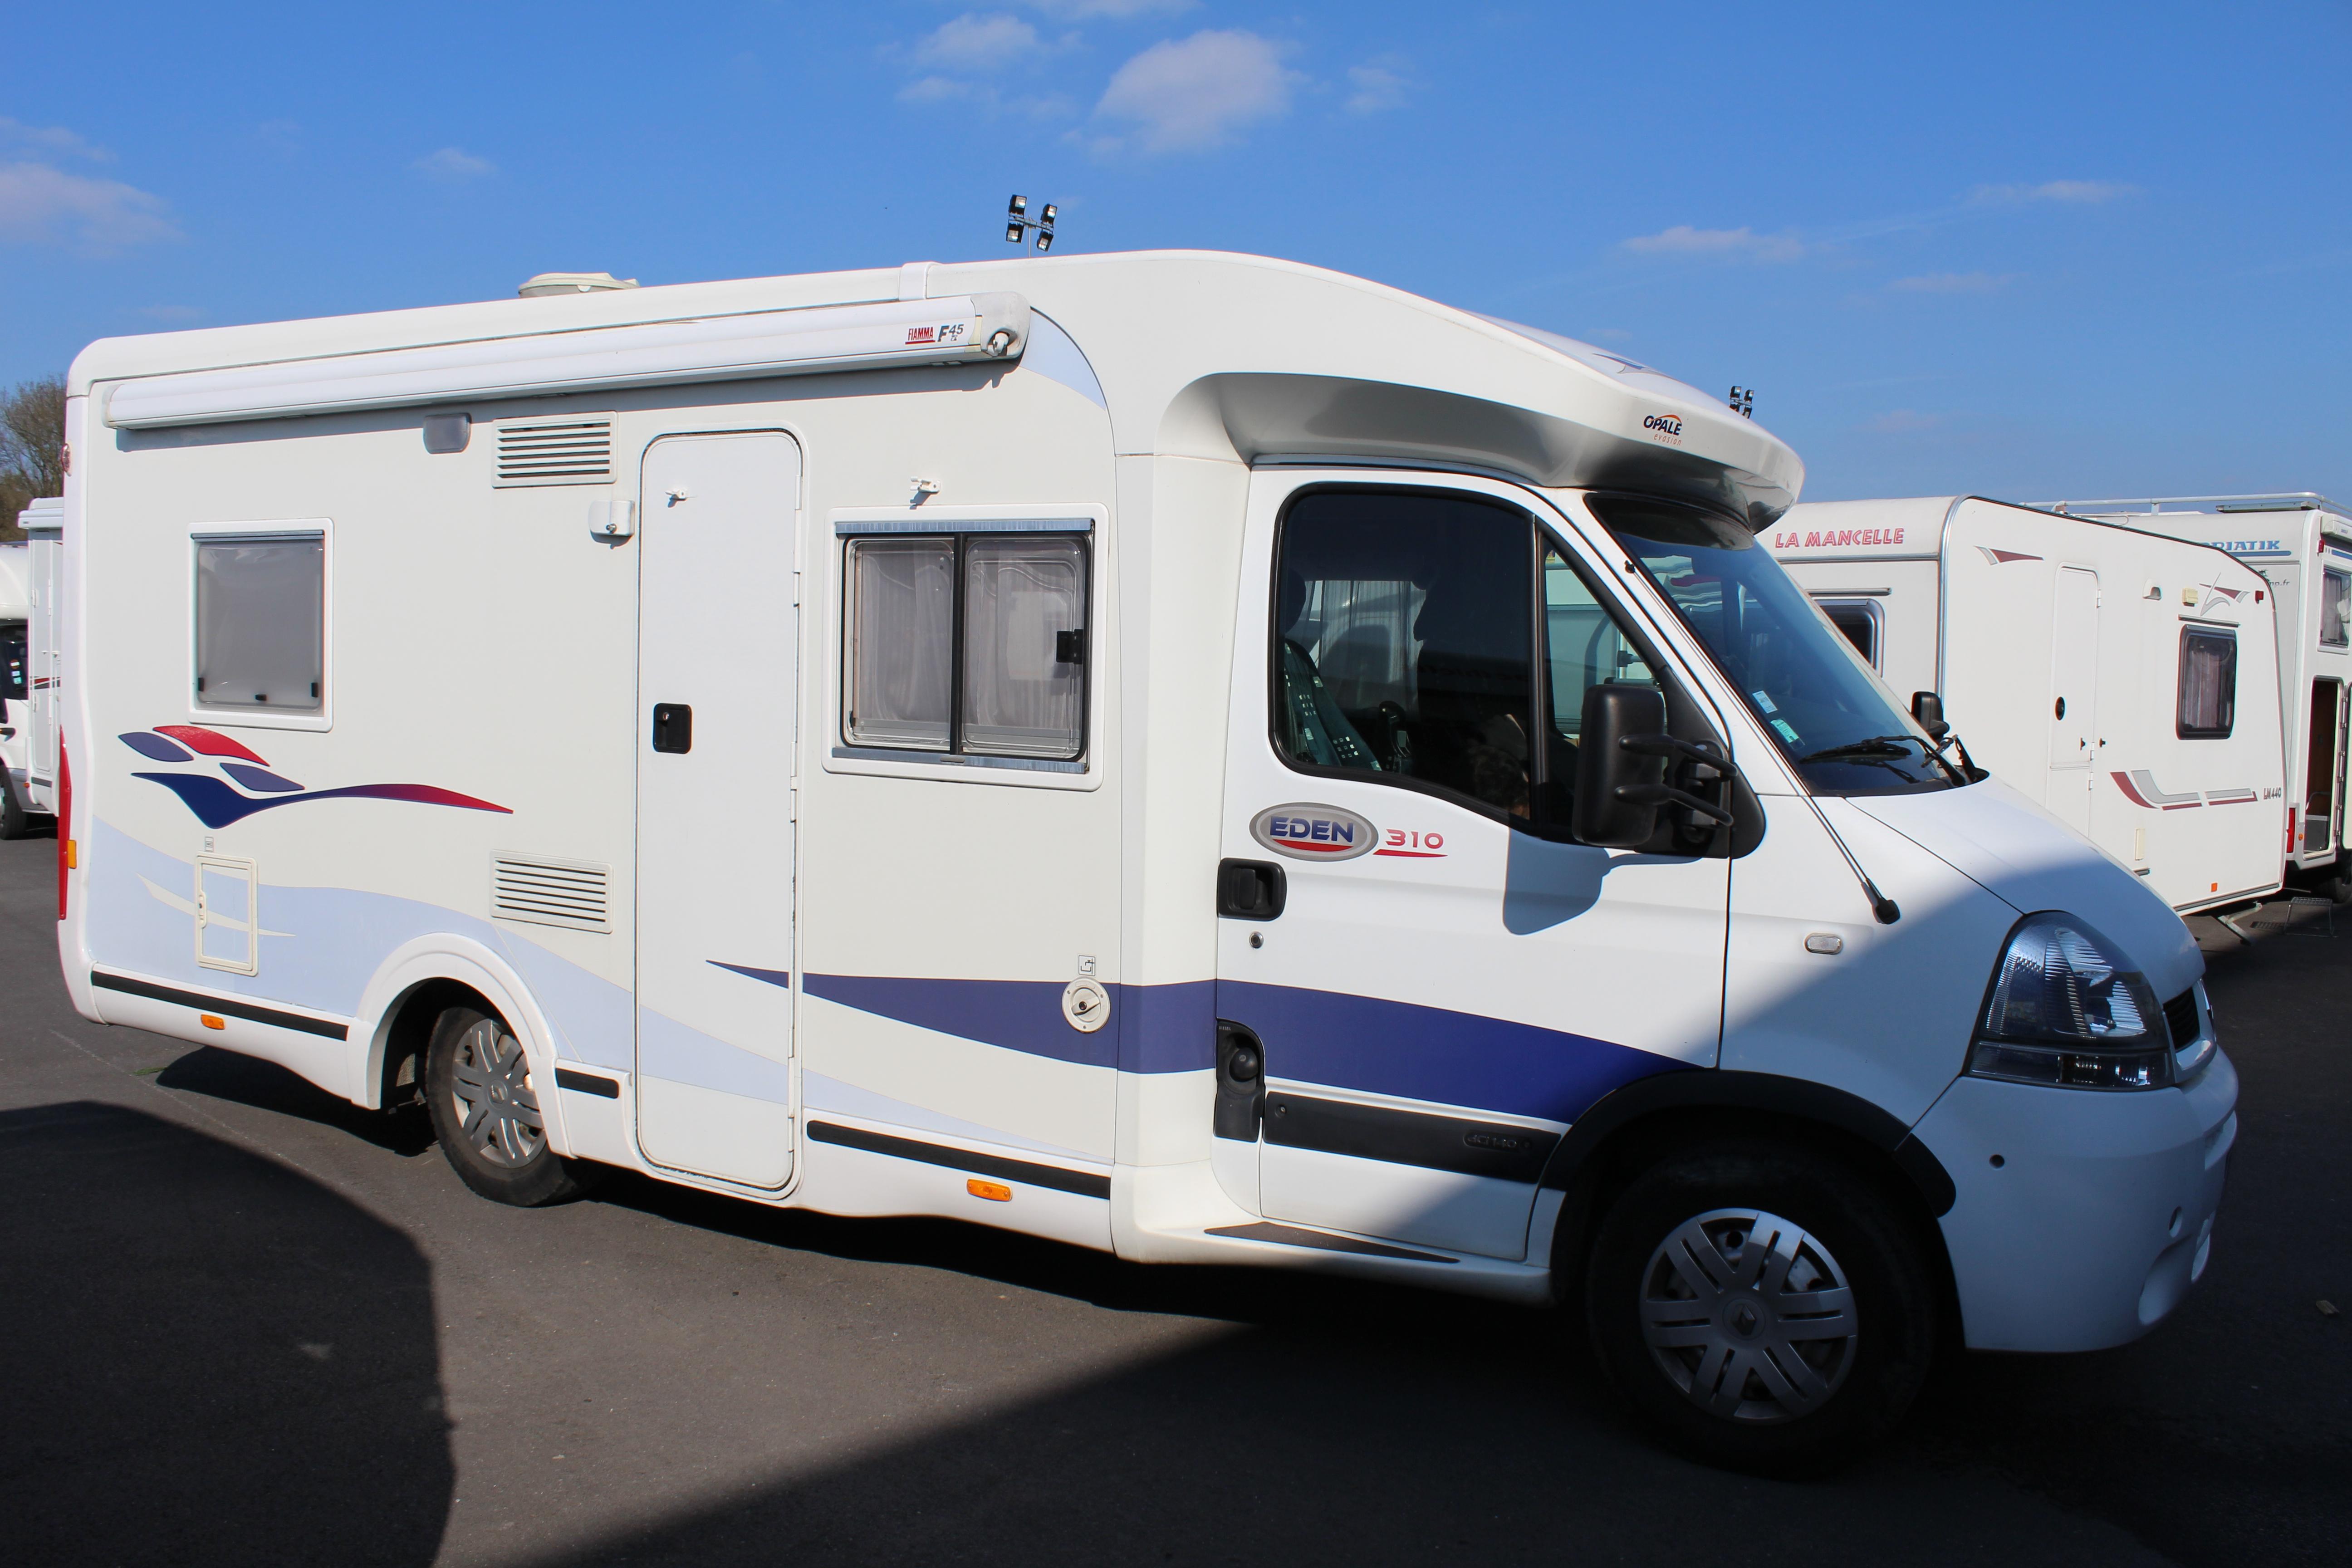 challenger eden 310 occasion de 2006 renault camping car en vente seclin nord 59. Black Bedroom Furniture Sets. Home Design Ideas